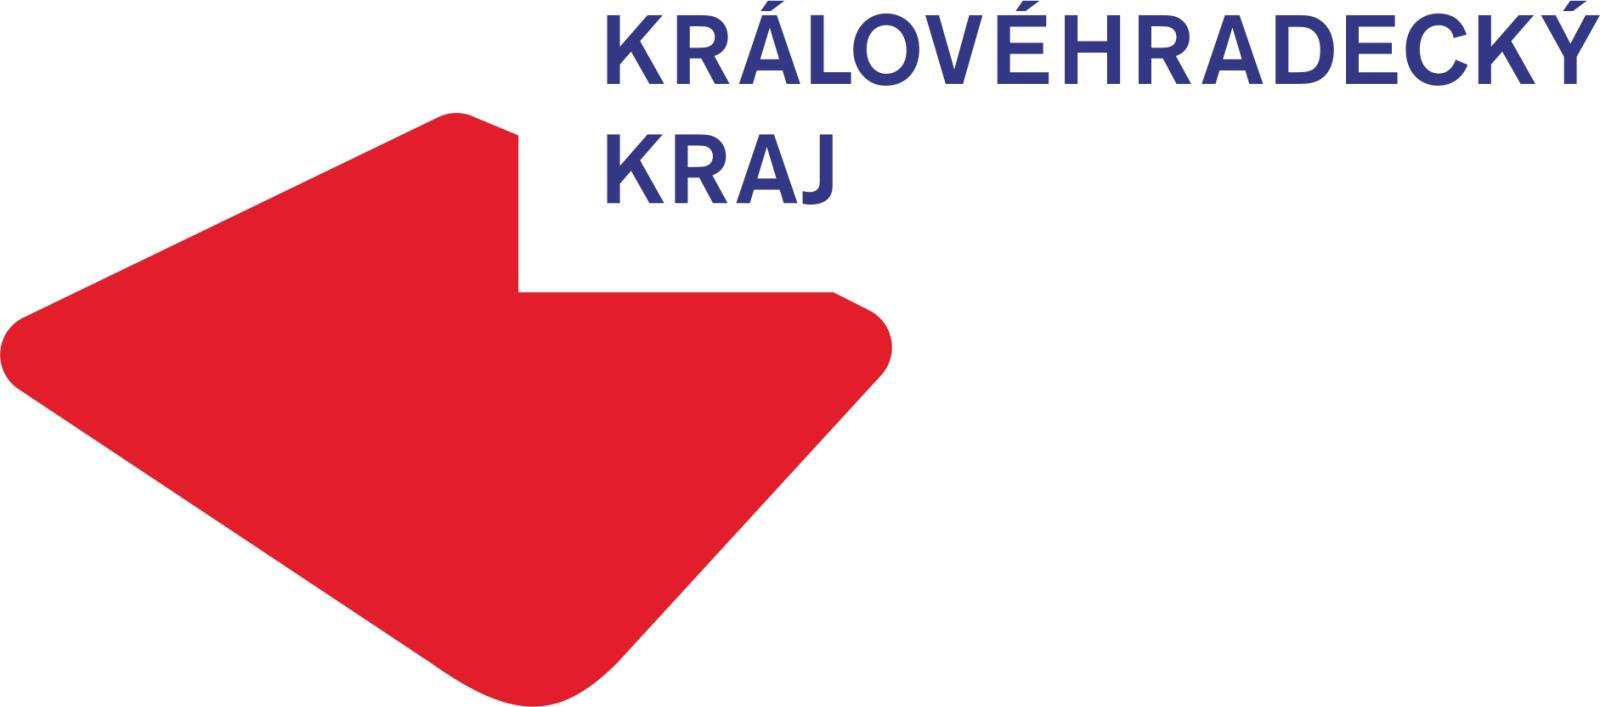 Královéhradecký kraj.jpg